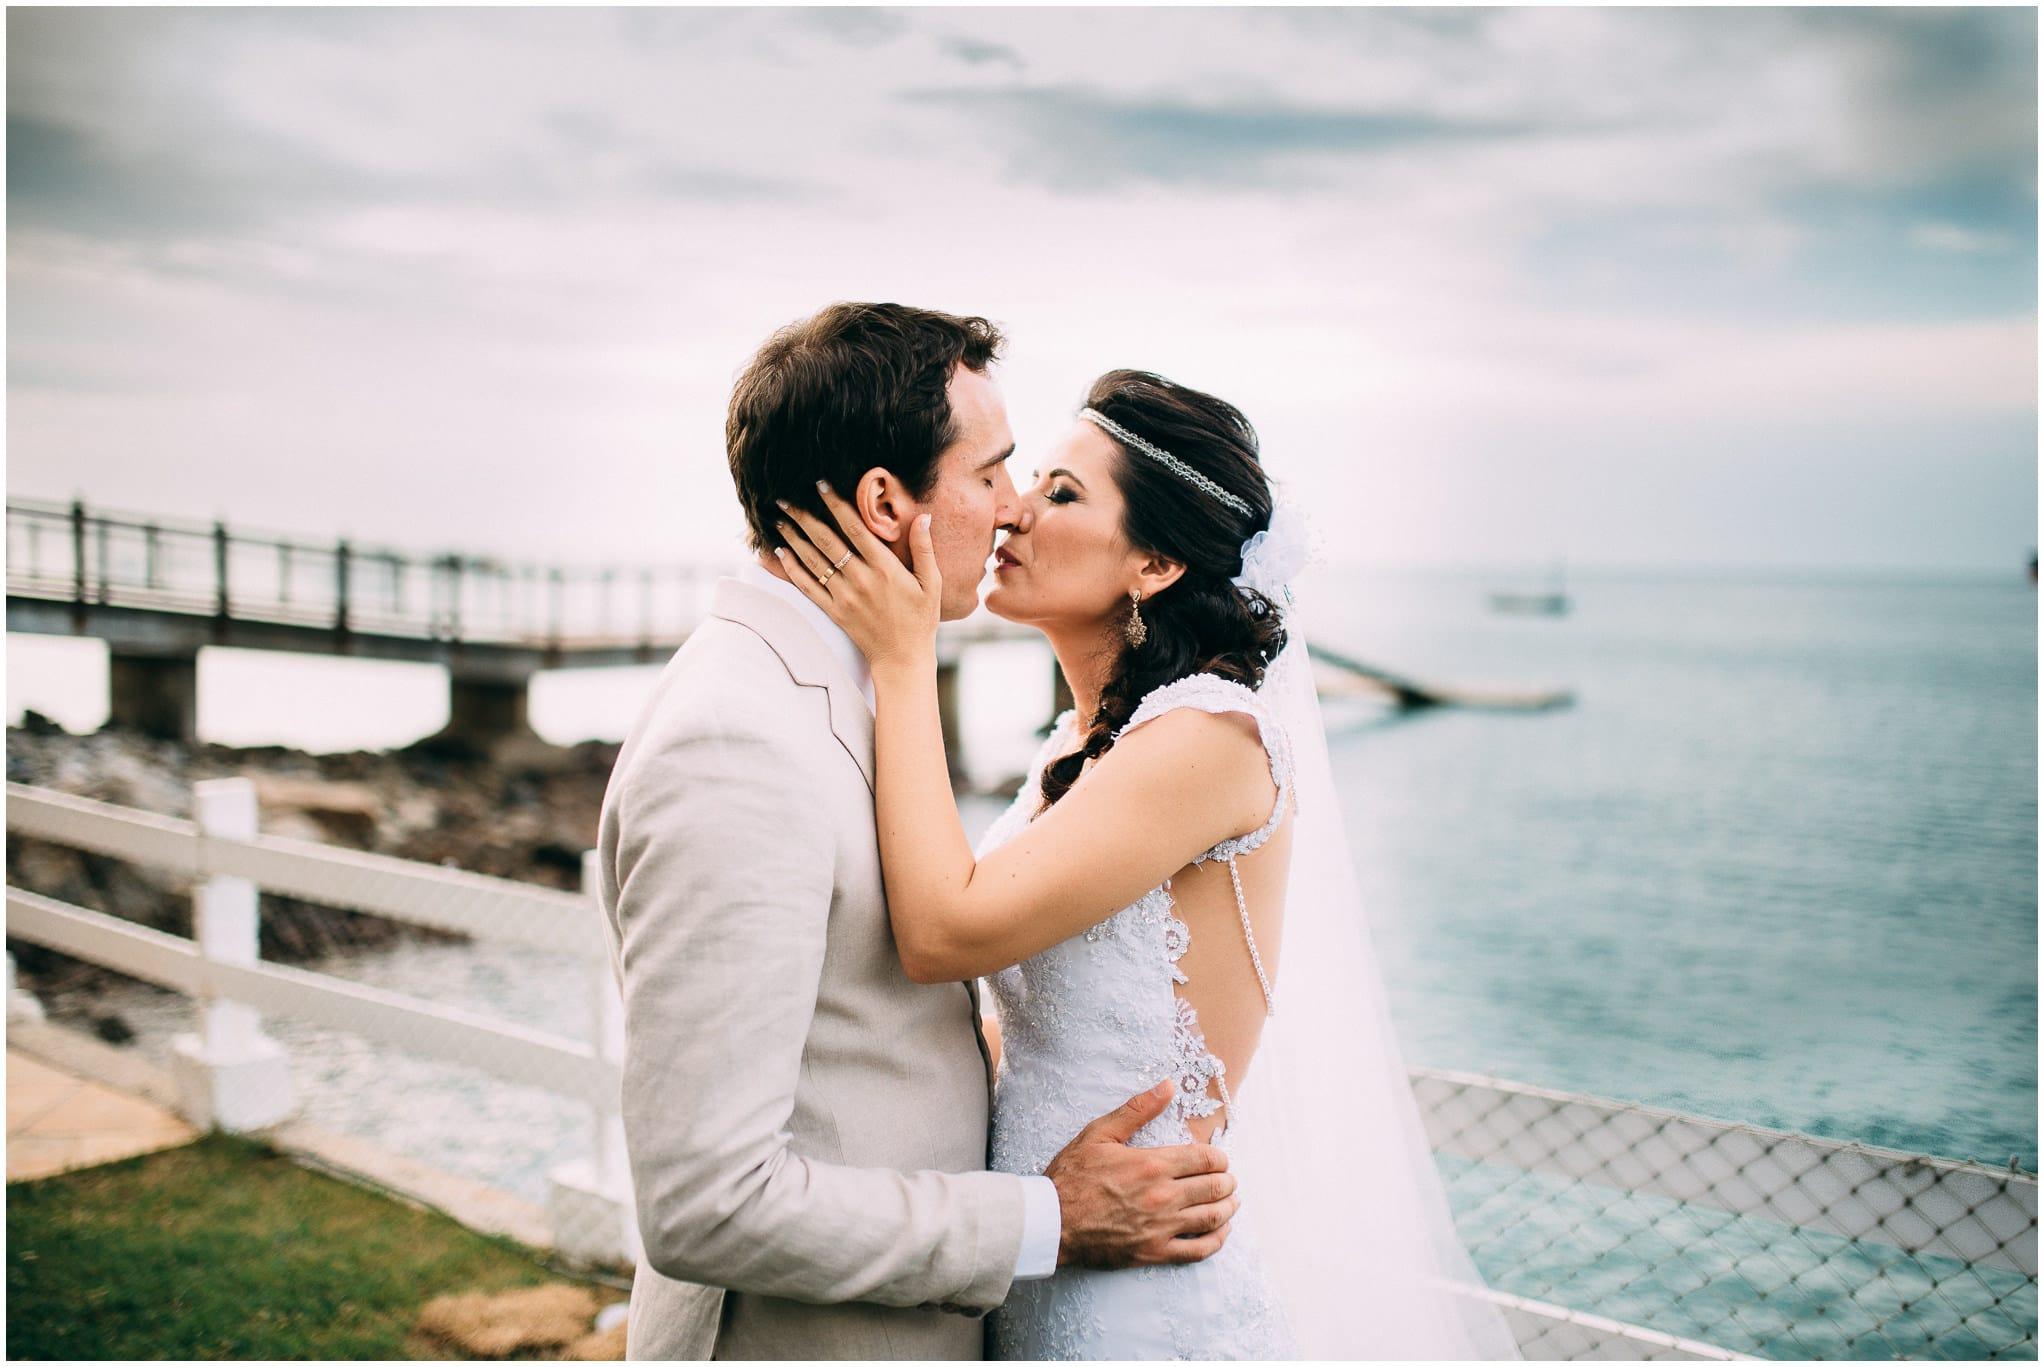 fotografo-de-casamento14